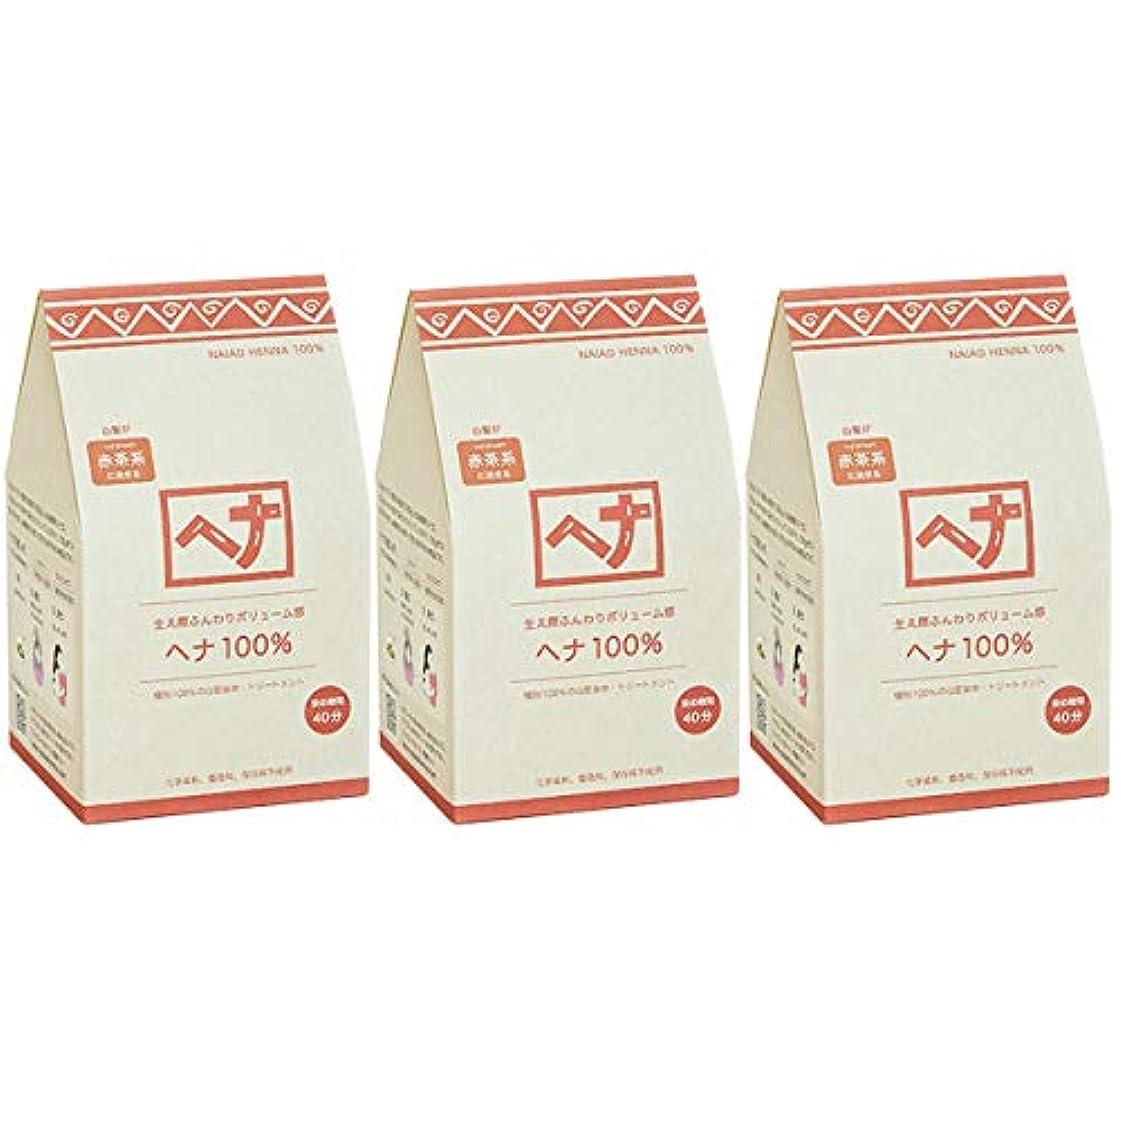 吹雪論争ツーリストナイアード ヘナ 100% 赤茶系 生え際ふんわりボリューム感 400g 3個セット